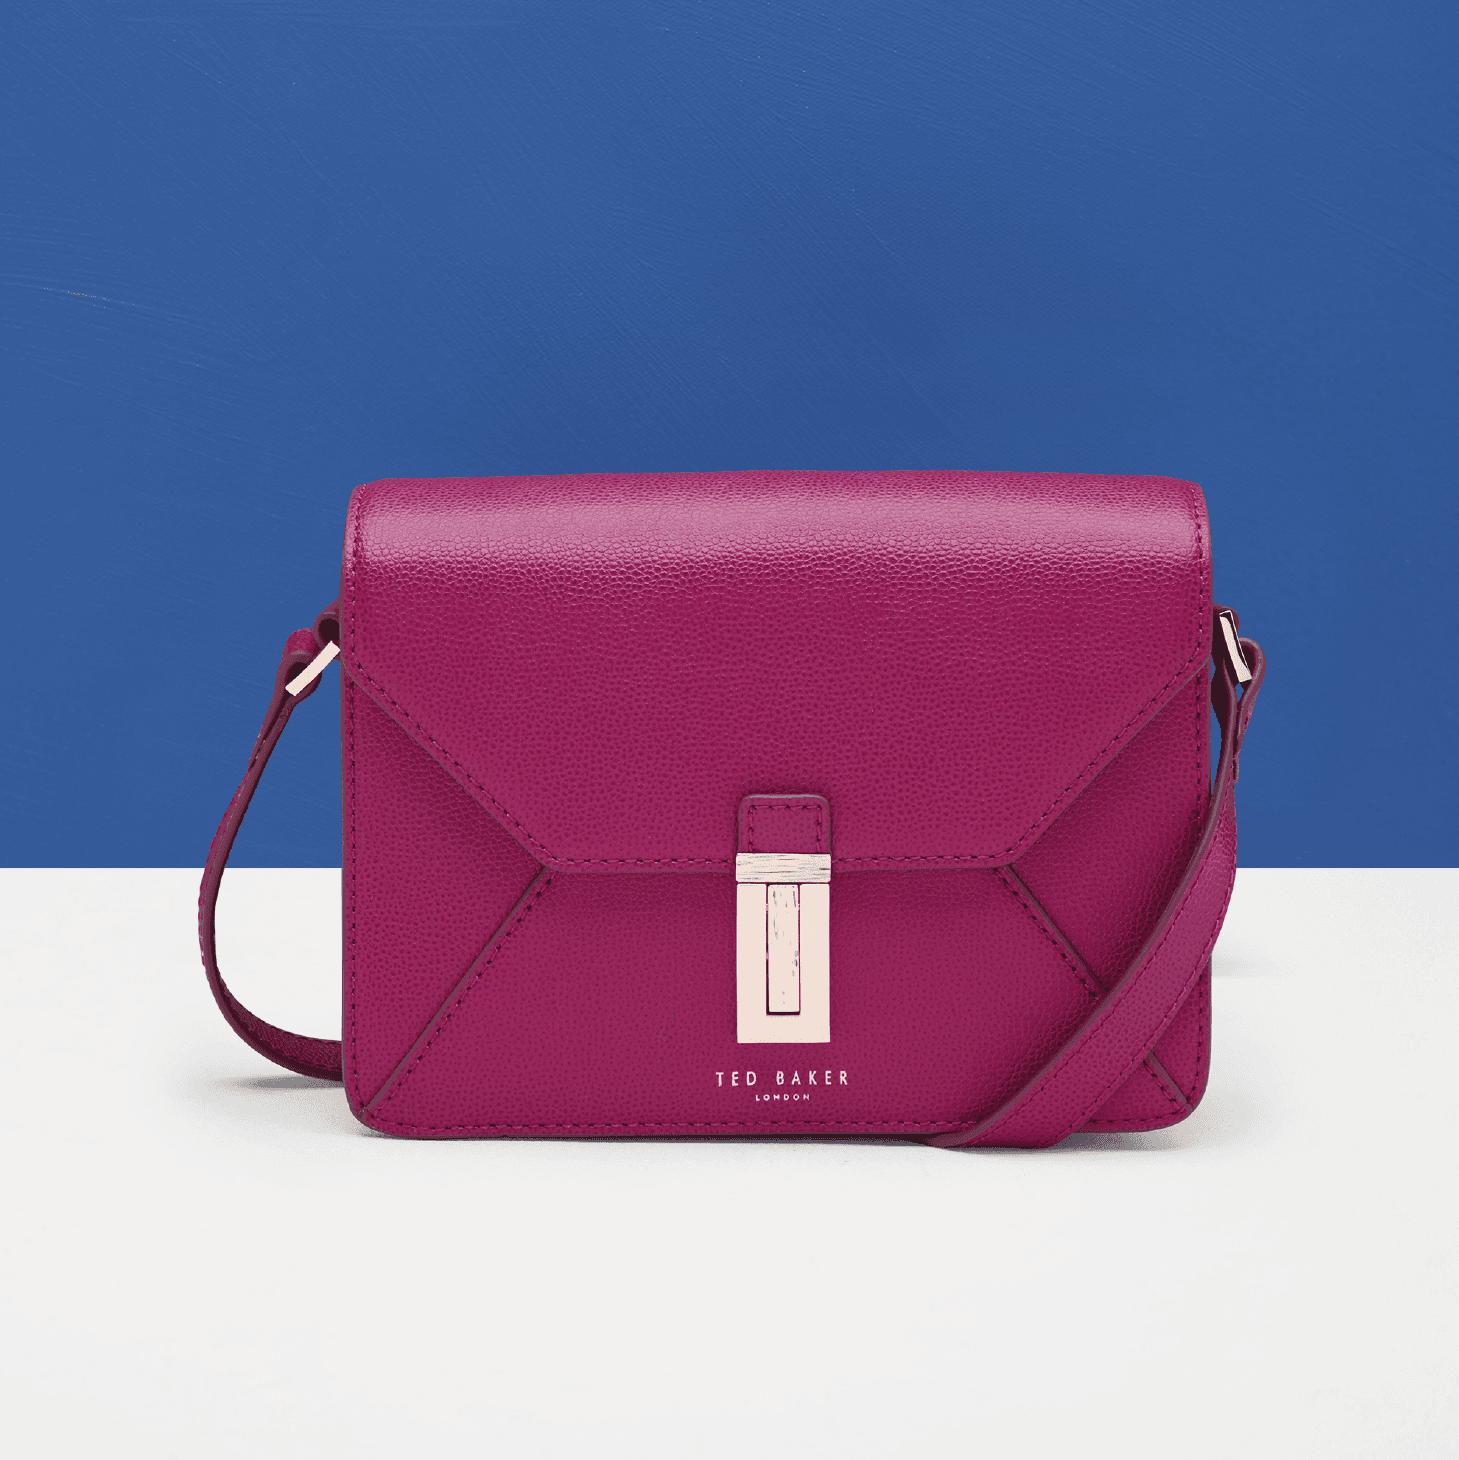 Ted Baker Handbags summer 2016